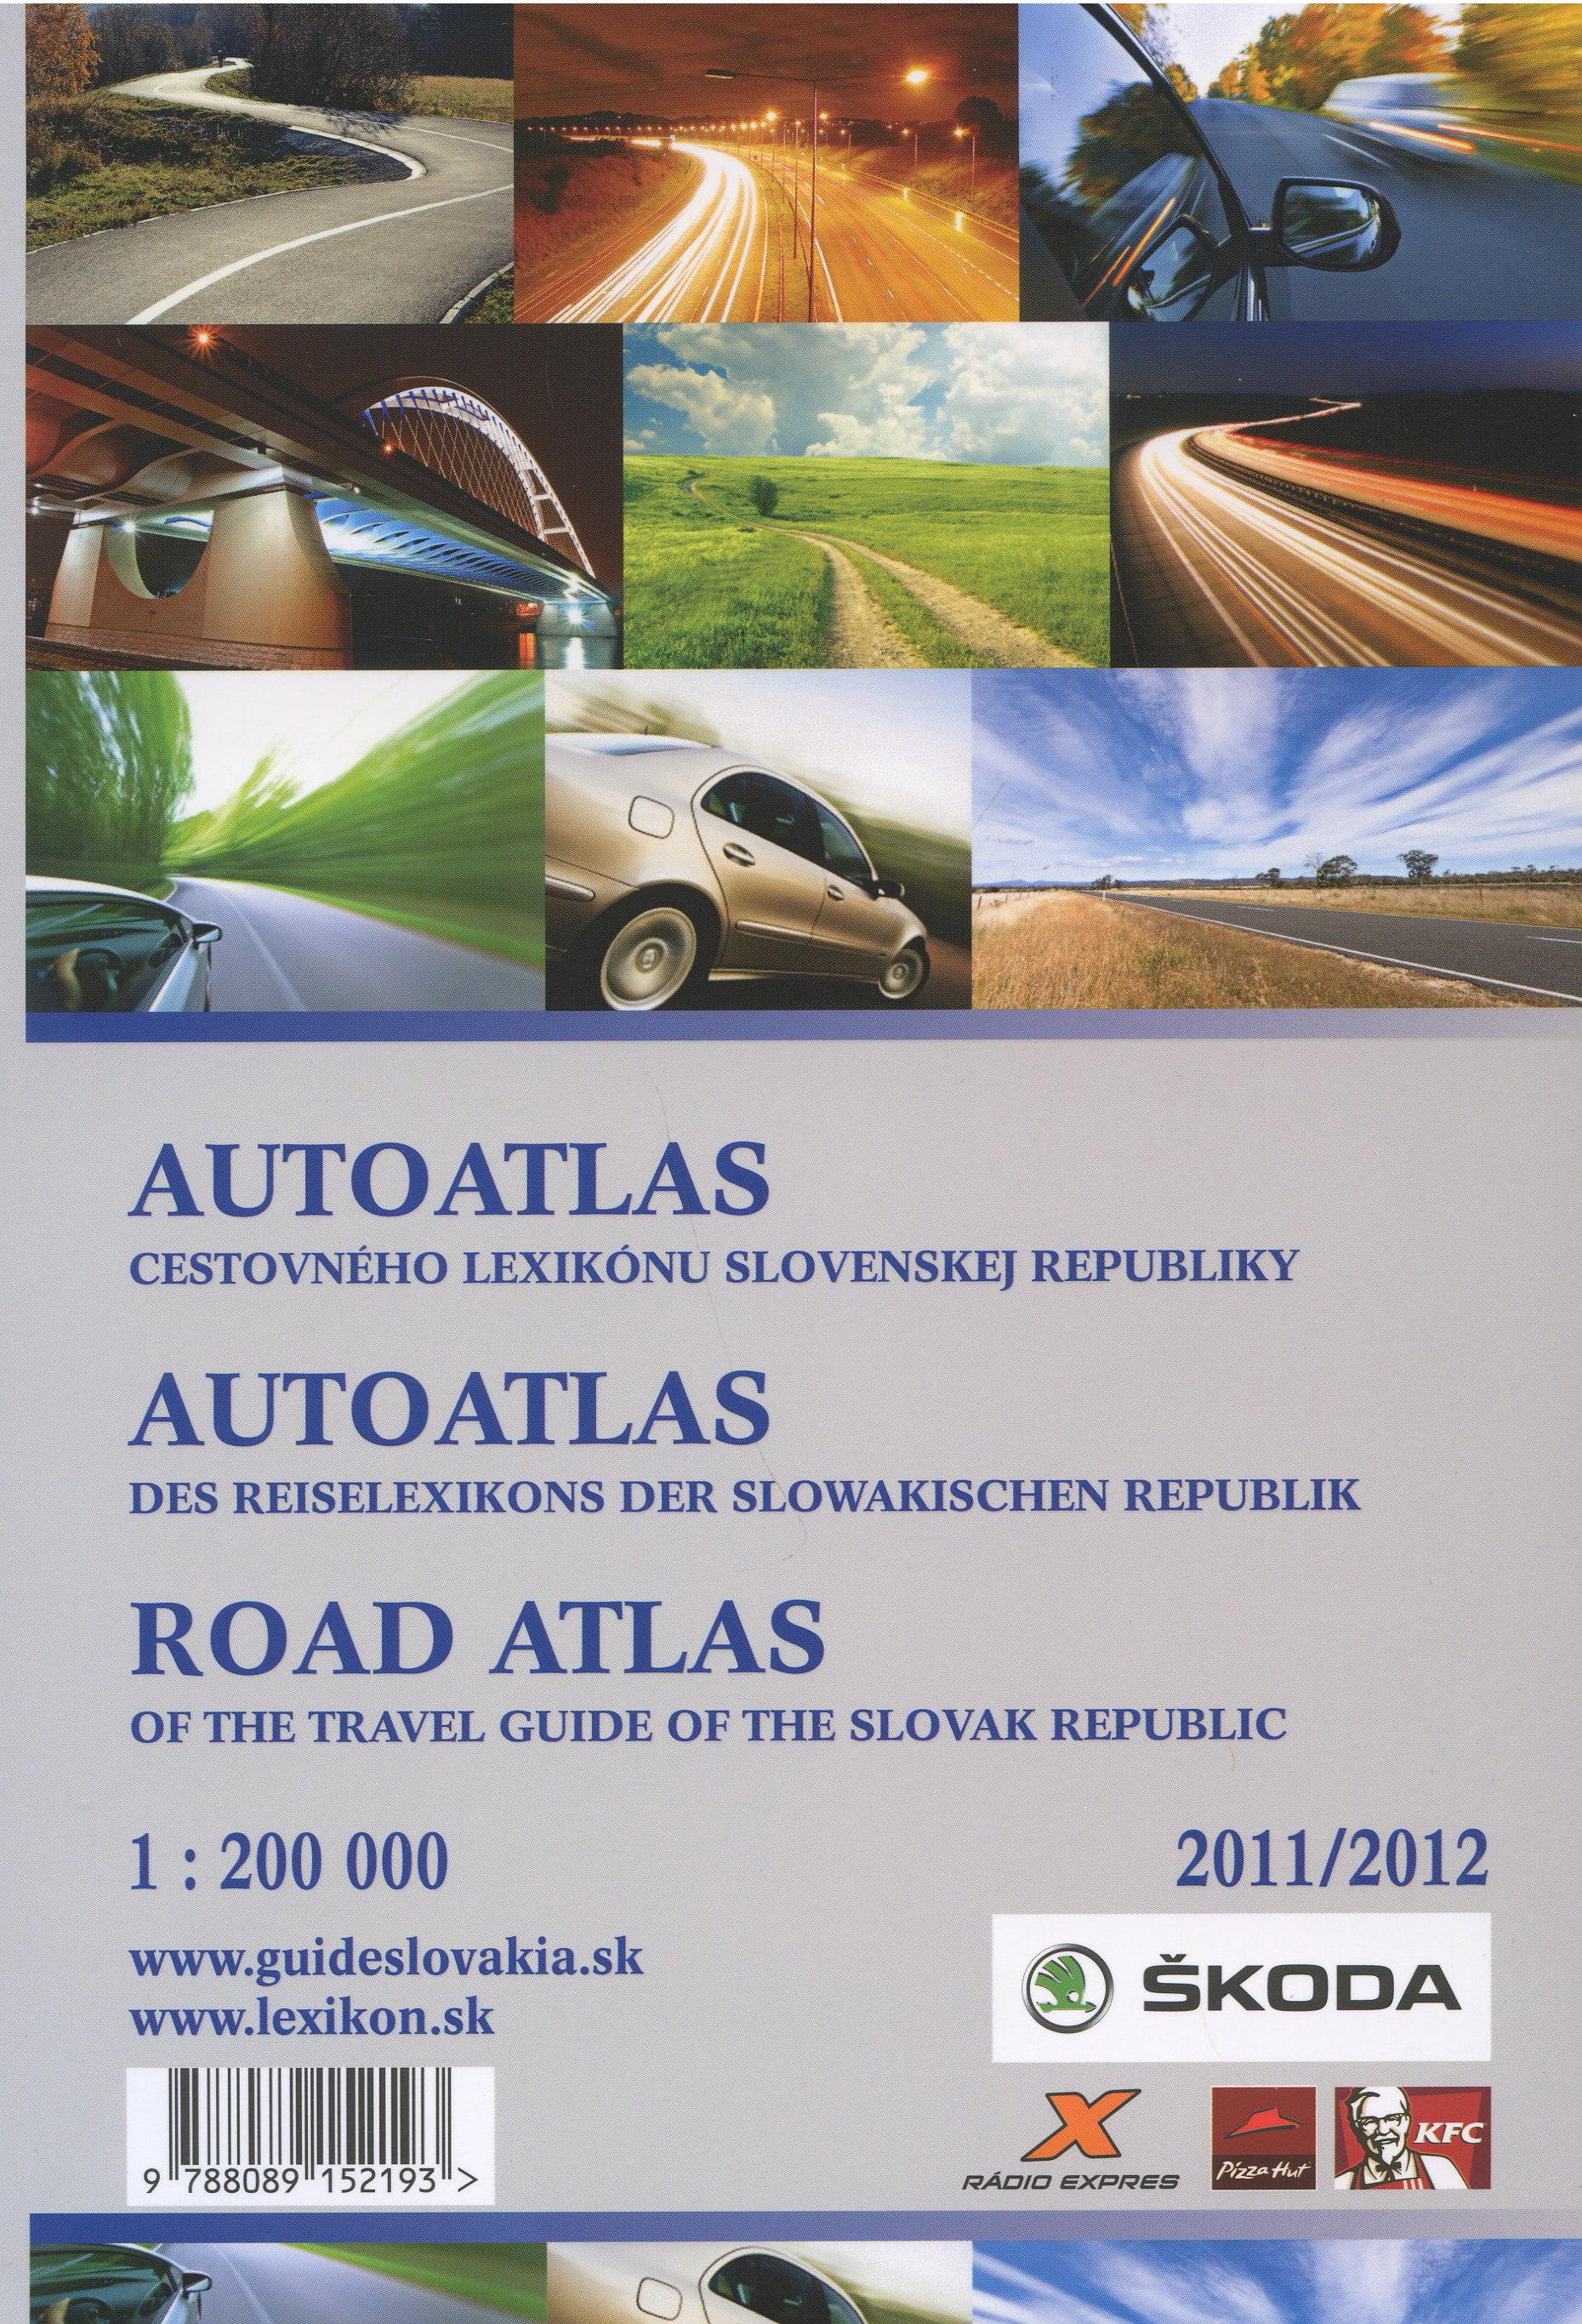 AutoAtlas cestovneho lexikonu Slovenskej Republiky 2011/2012 - trojjazycká mapa